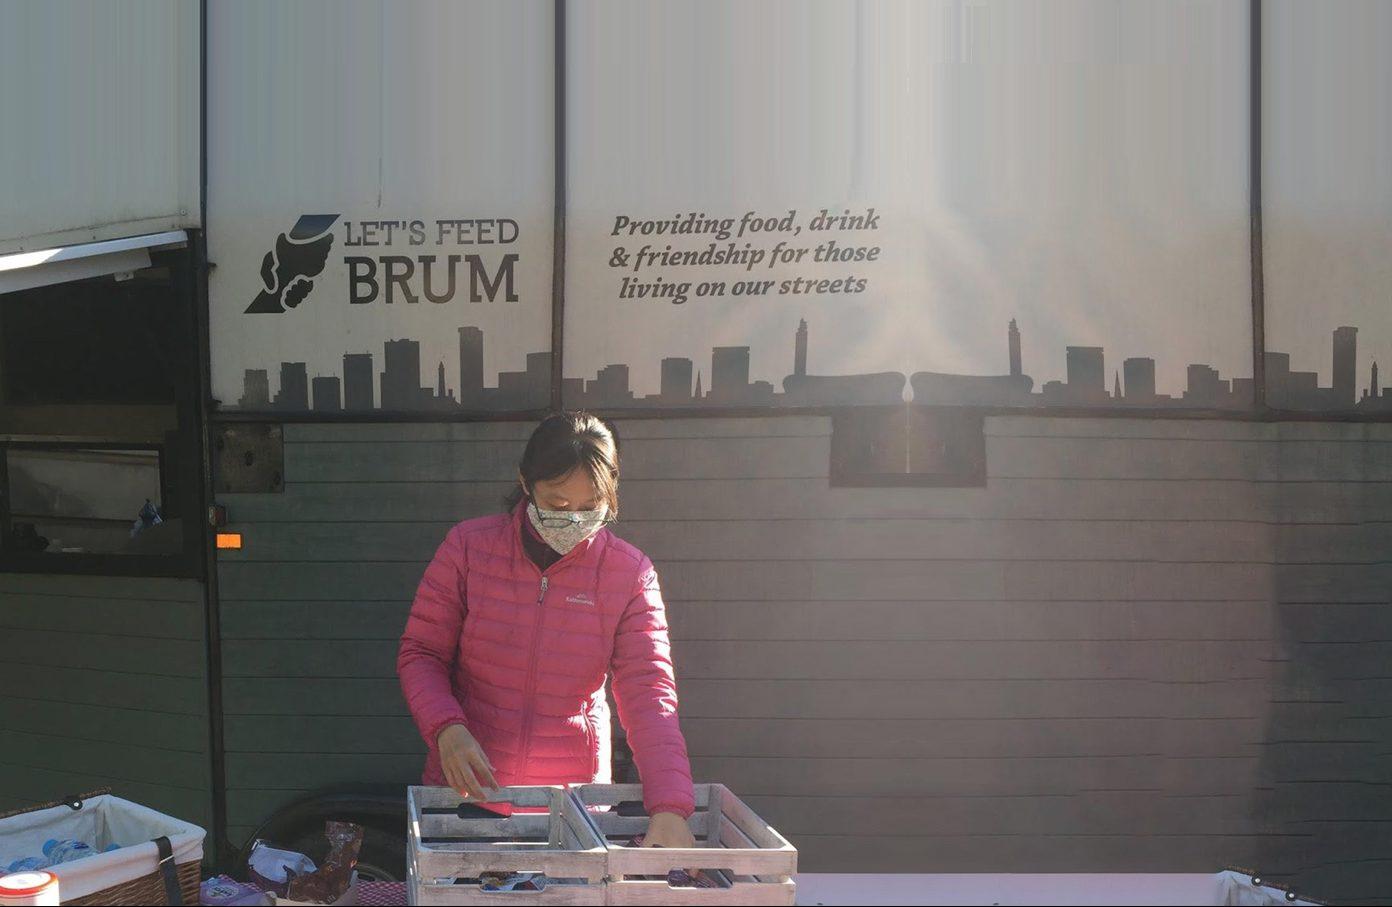 Feed Brum